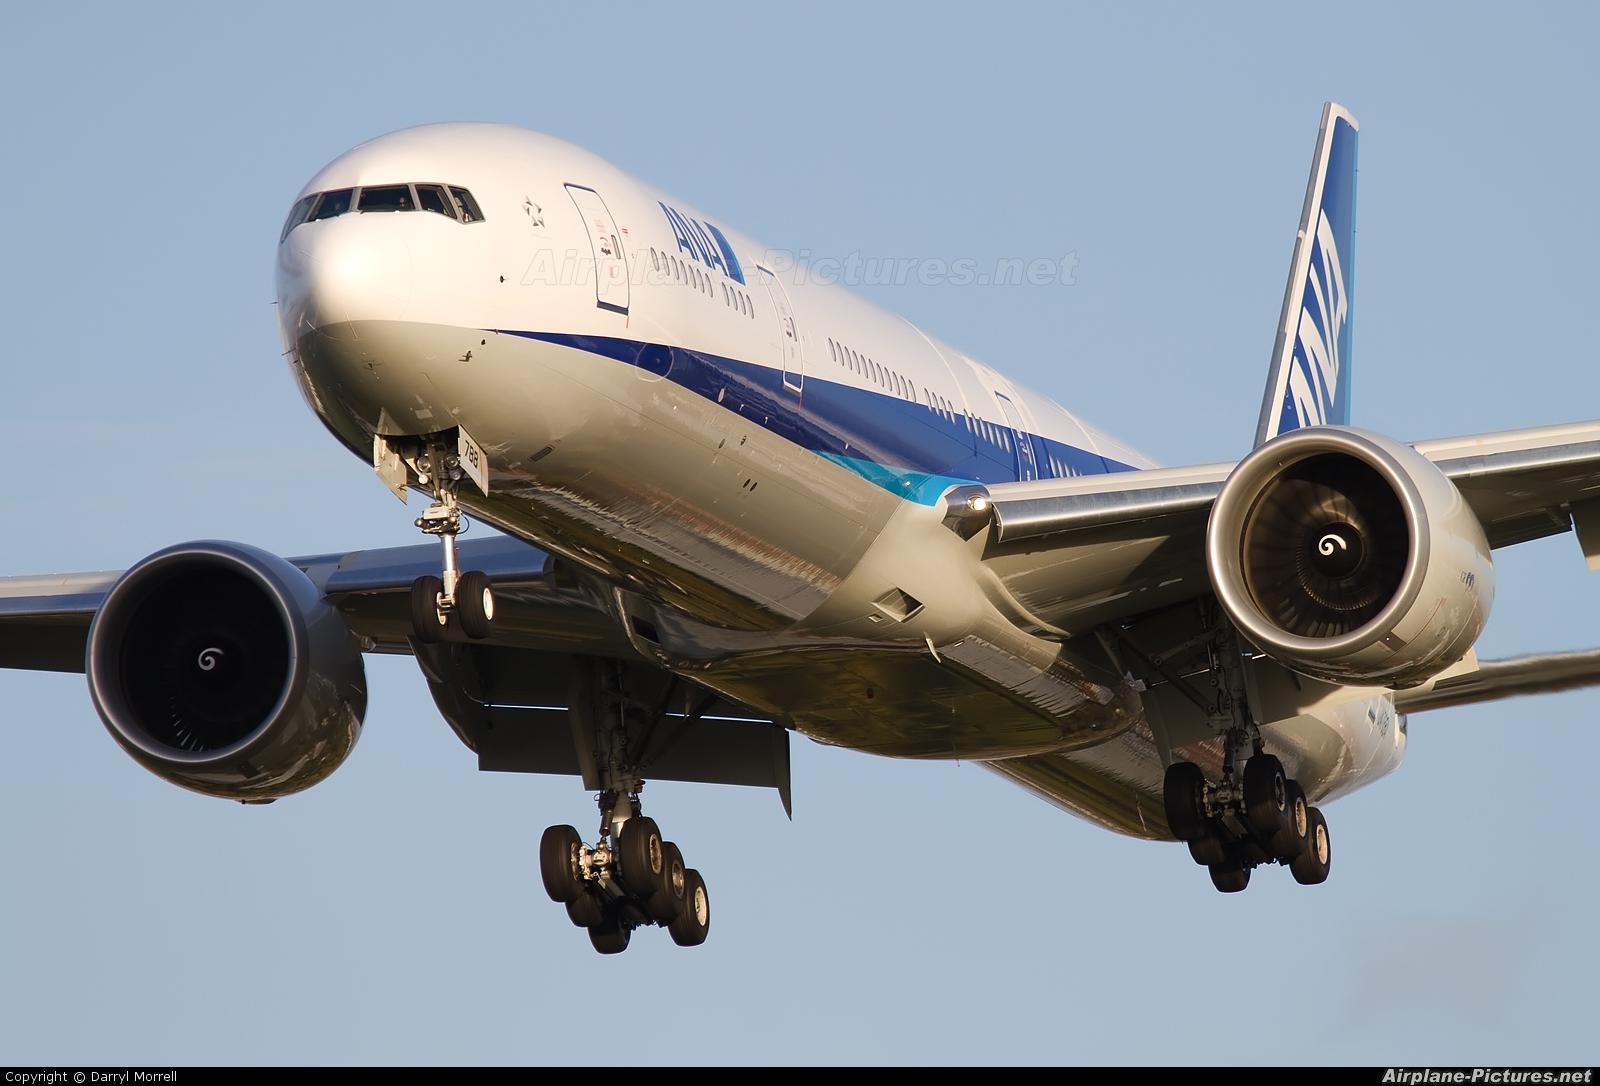 ANA - All Nippon Airways JA788A aircraft at London - Heathrow